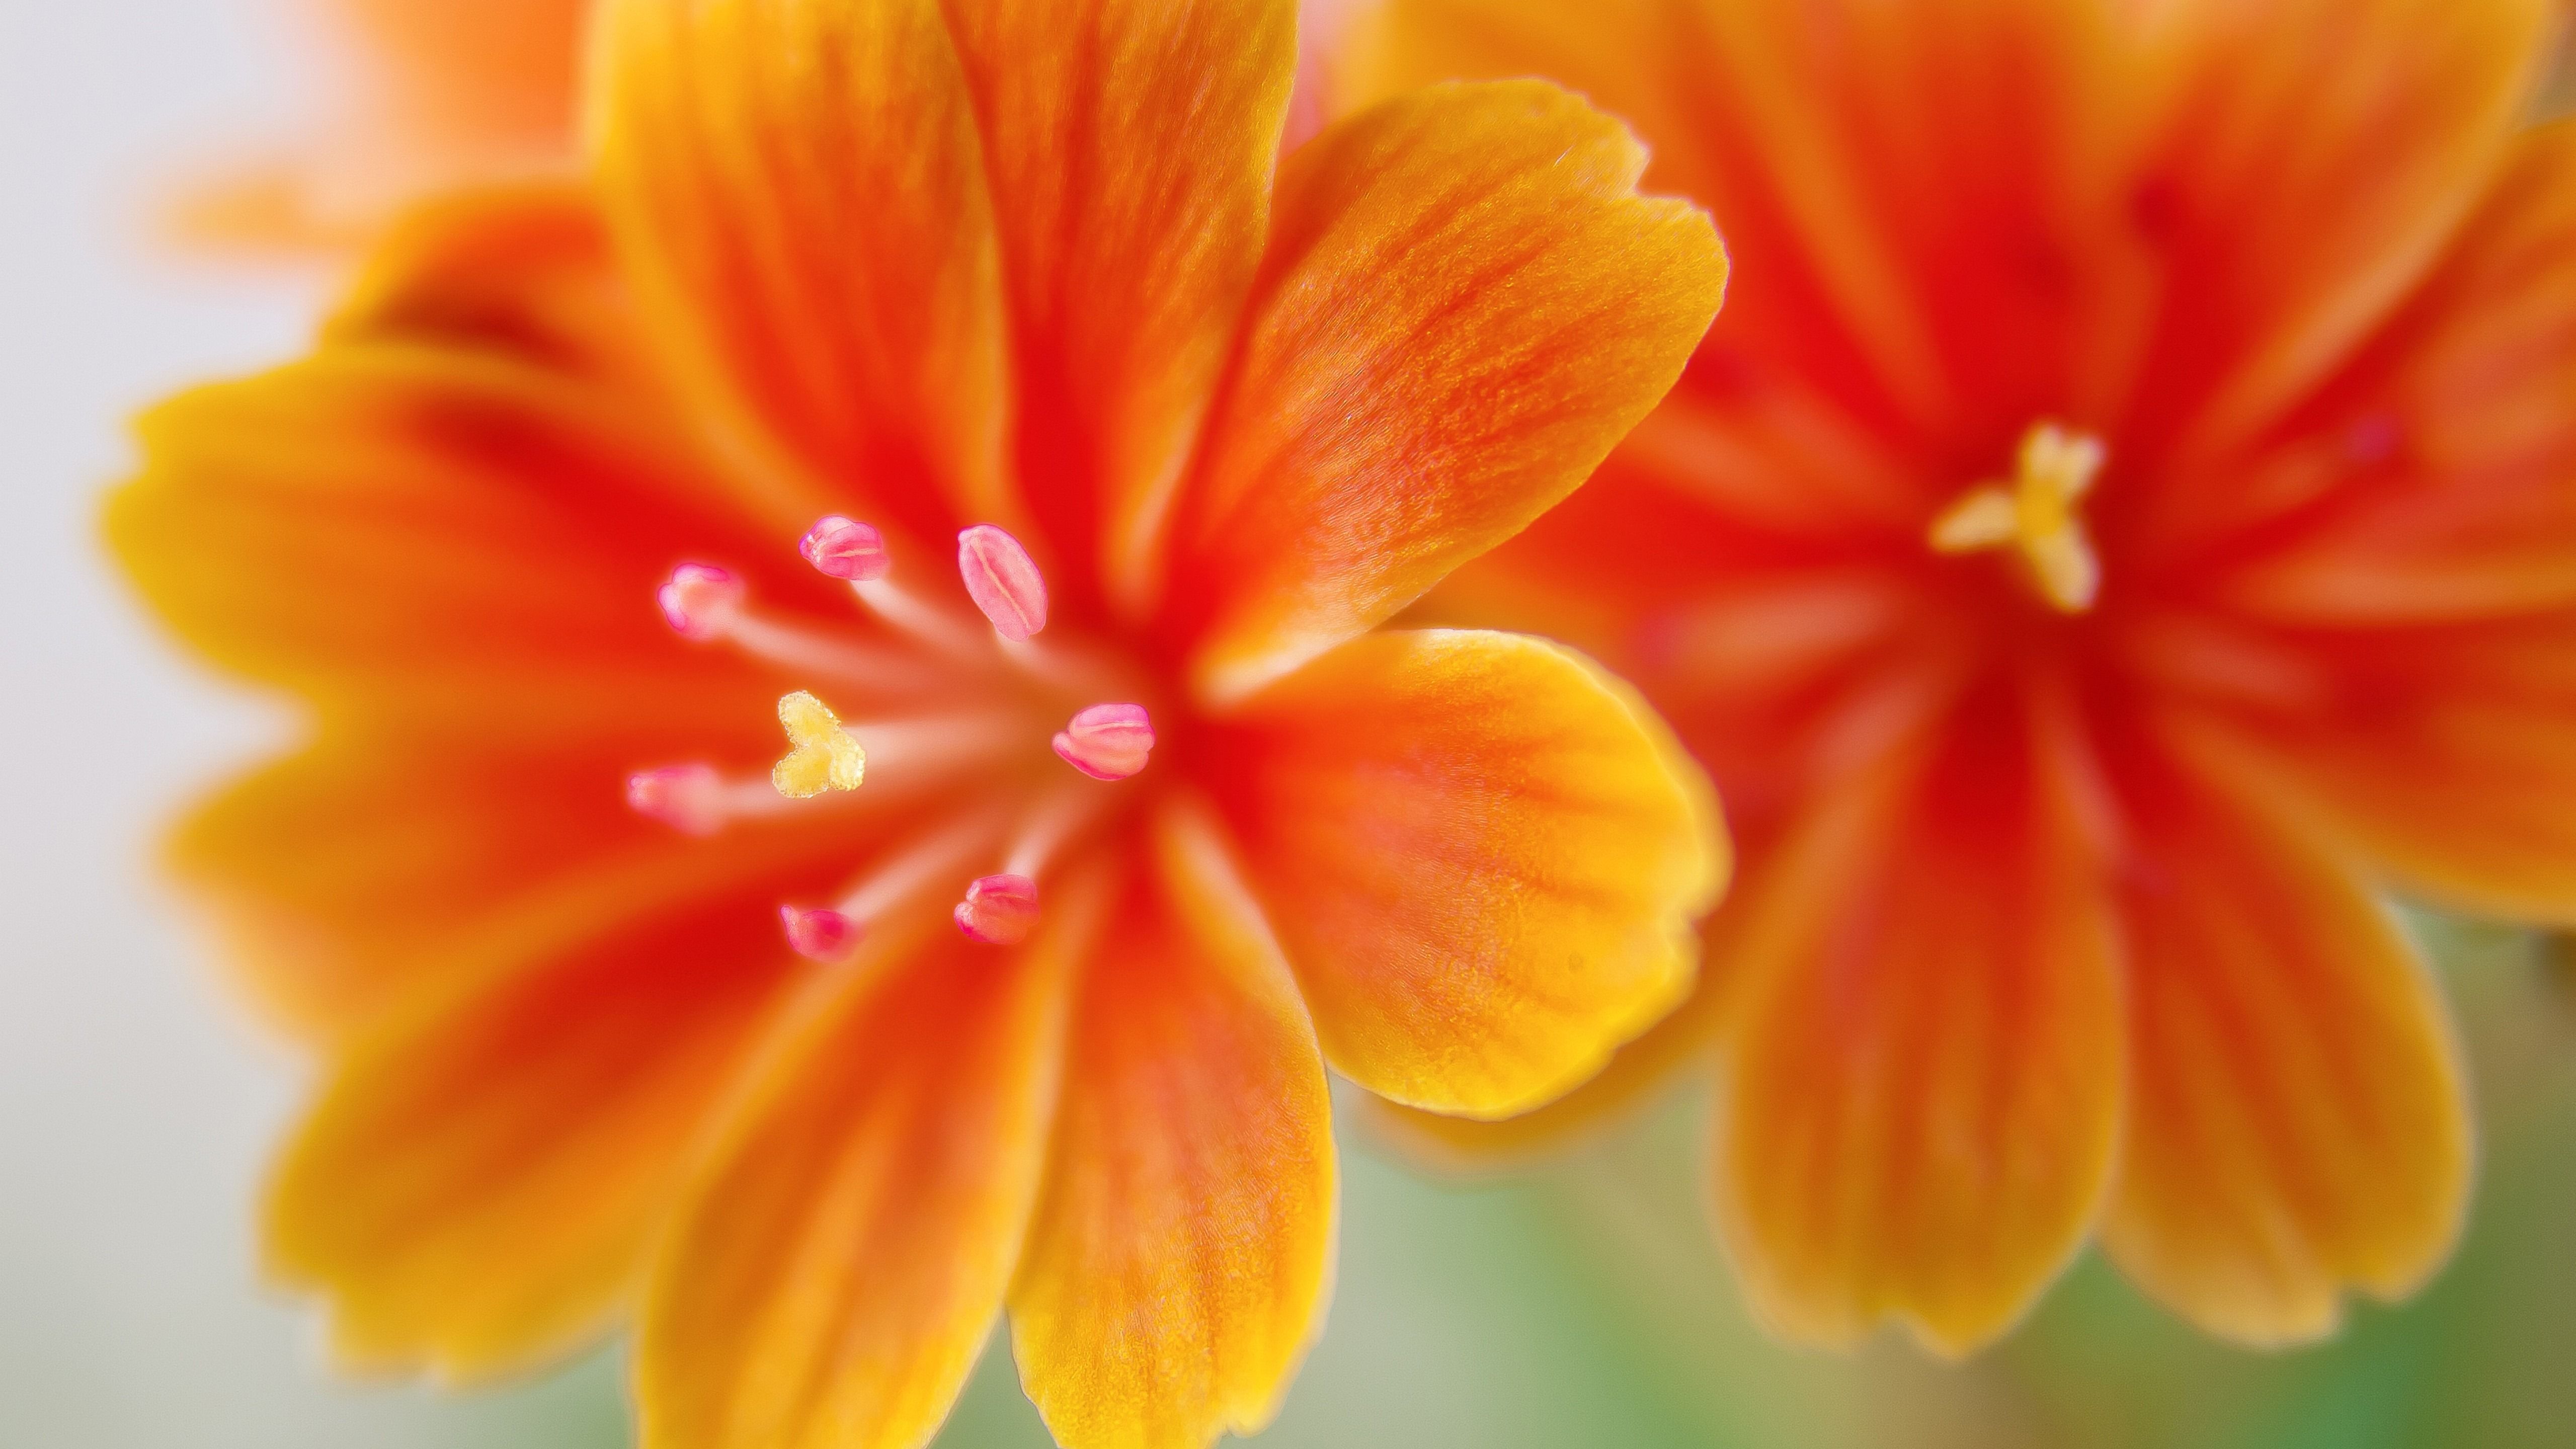 orange flower close up wallpaper 4k 5k background